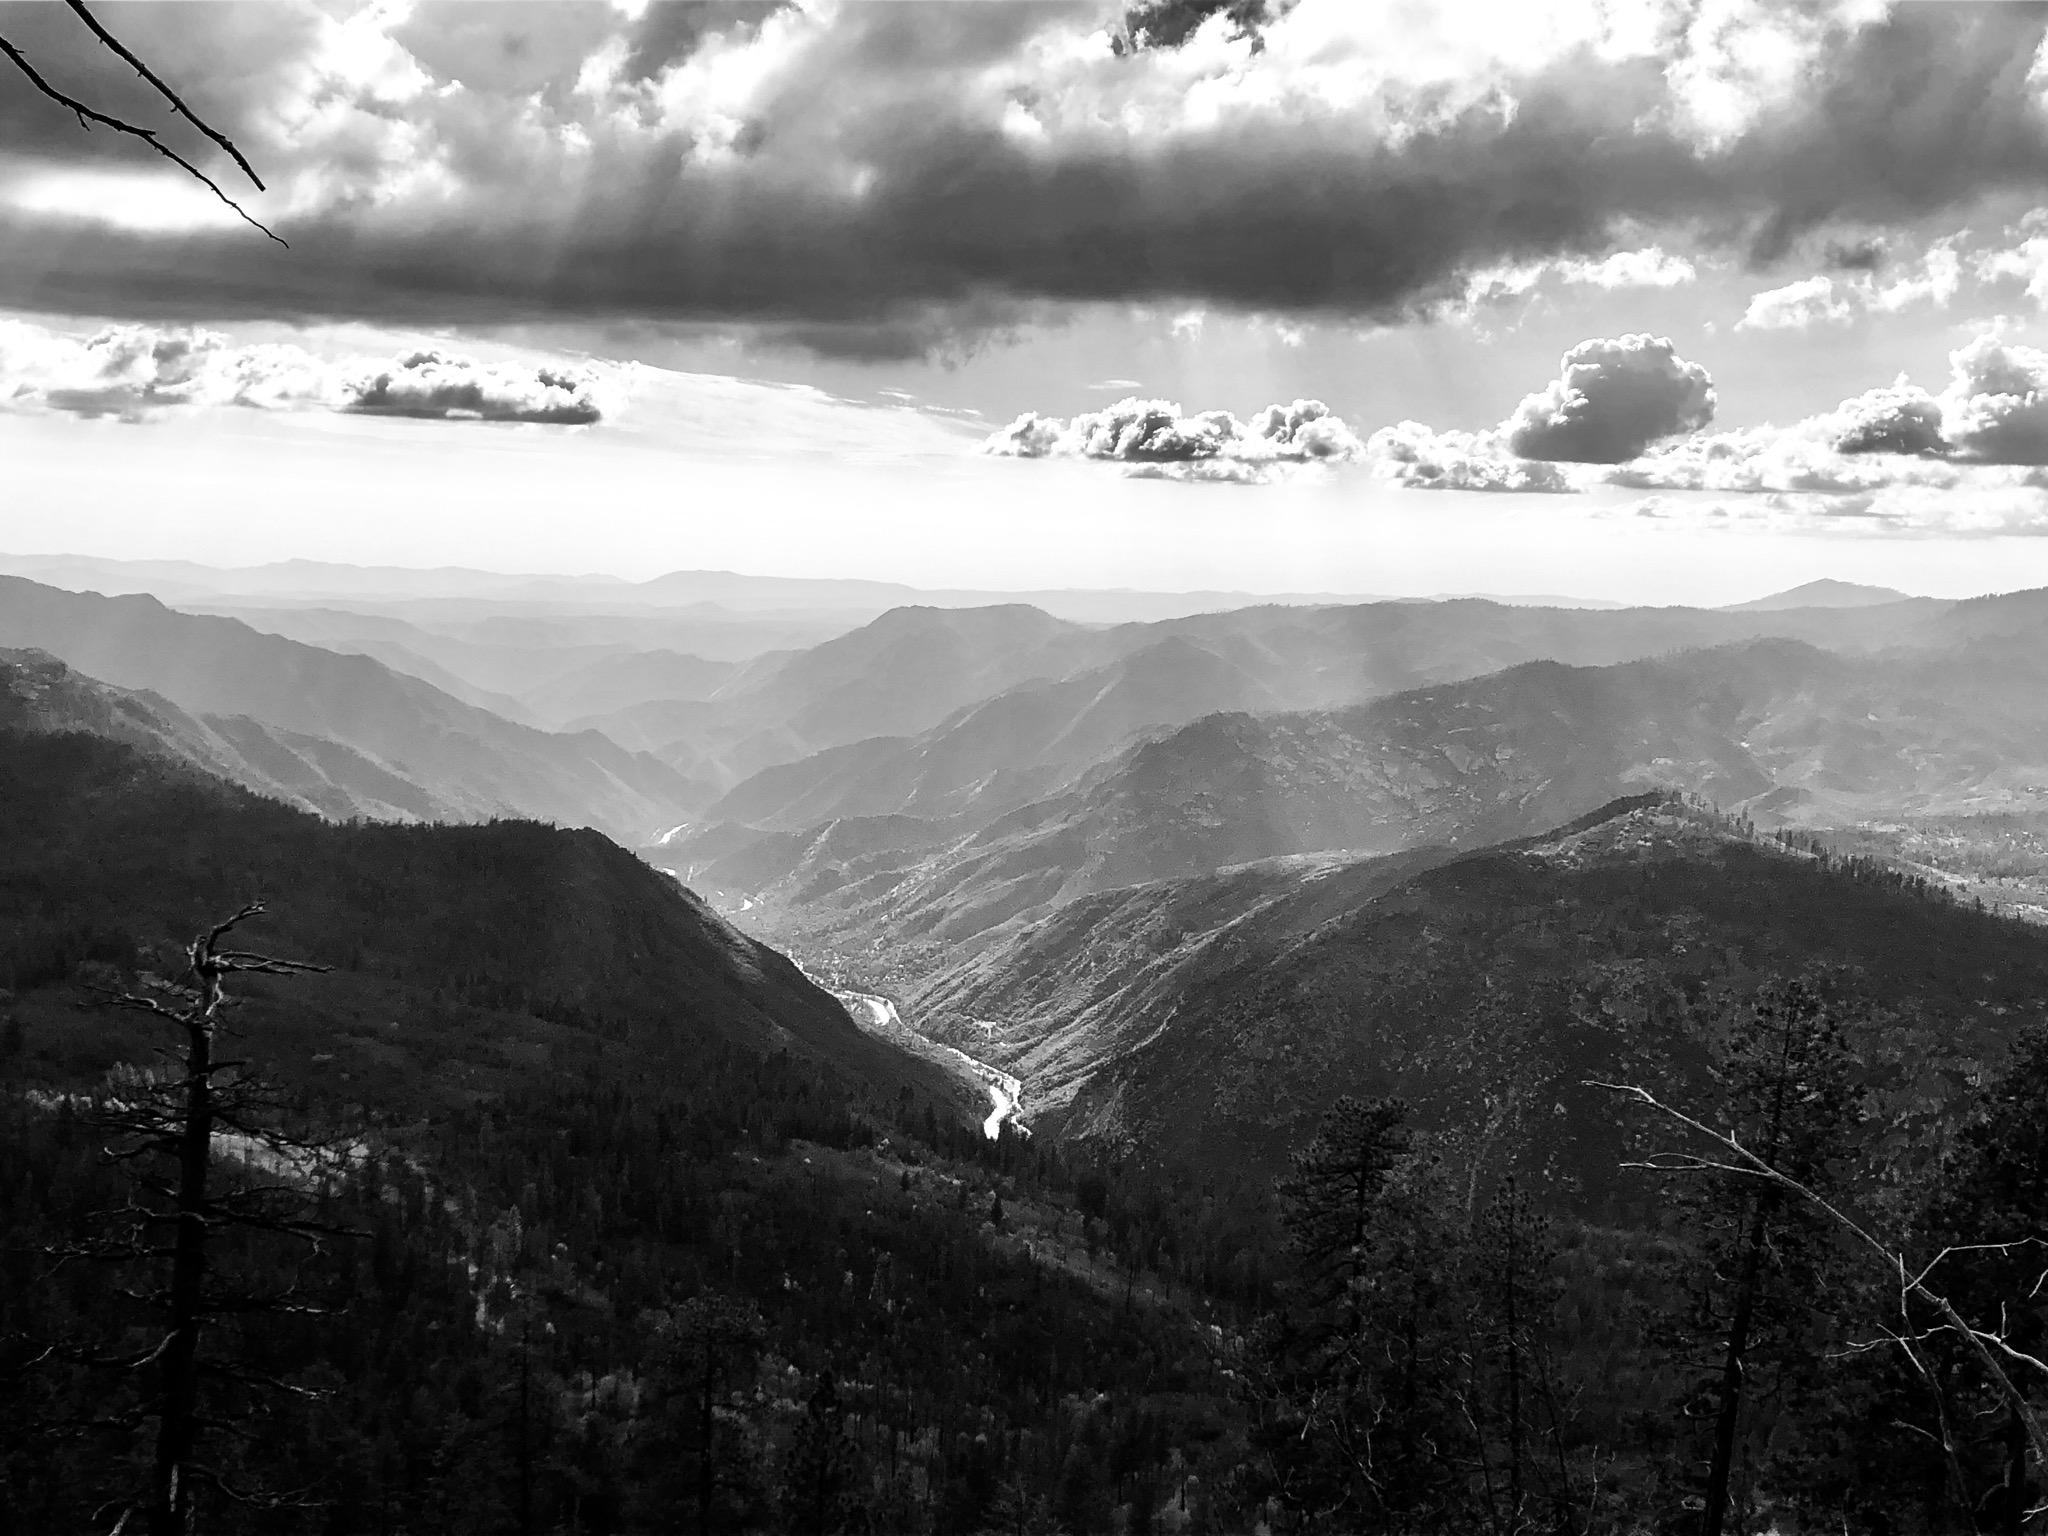 Sierra Nevadas Looking South - Yosemite